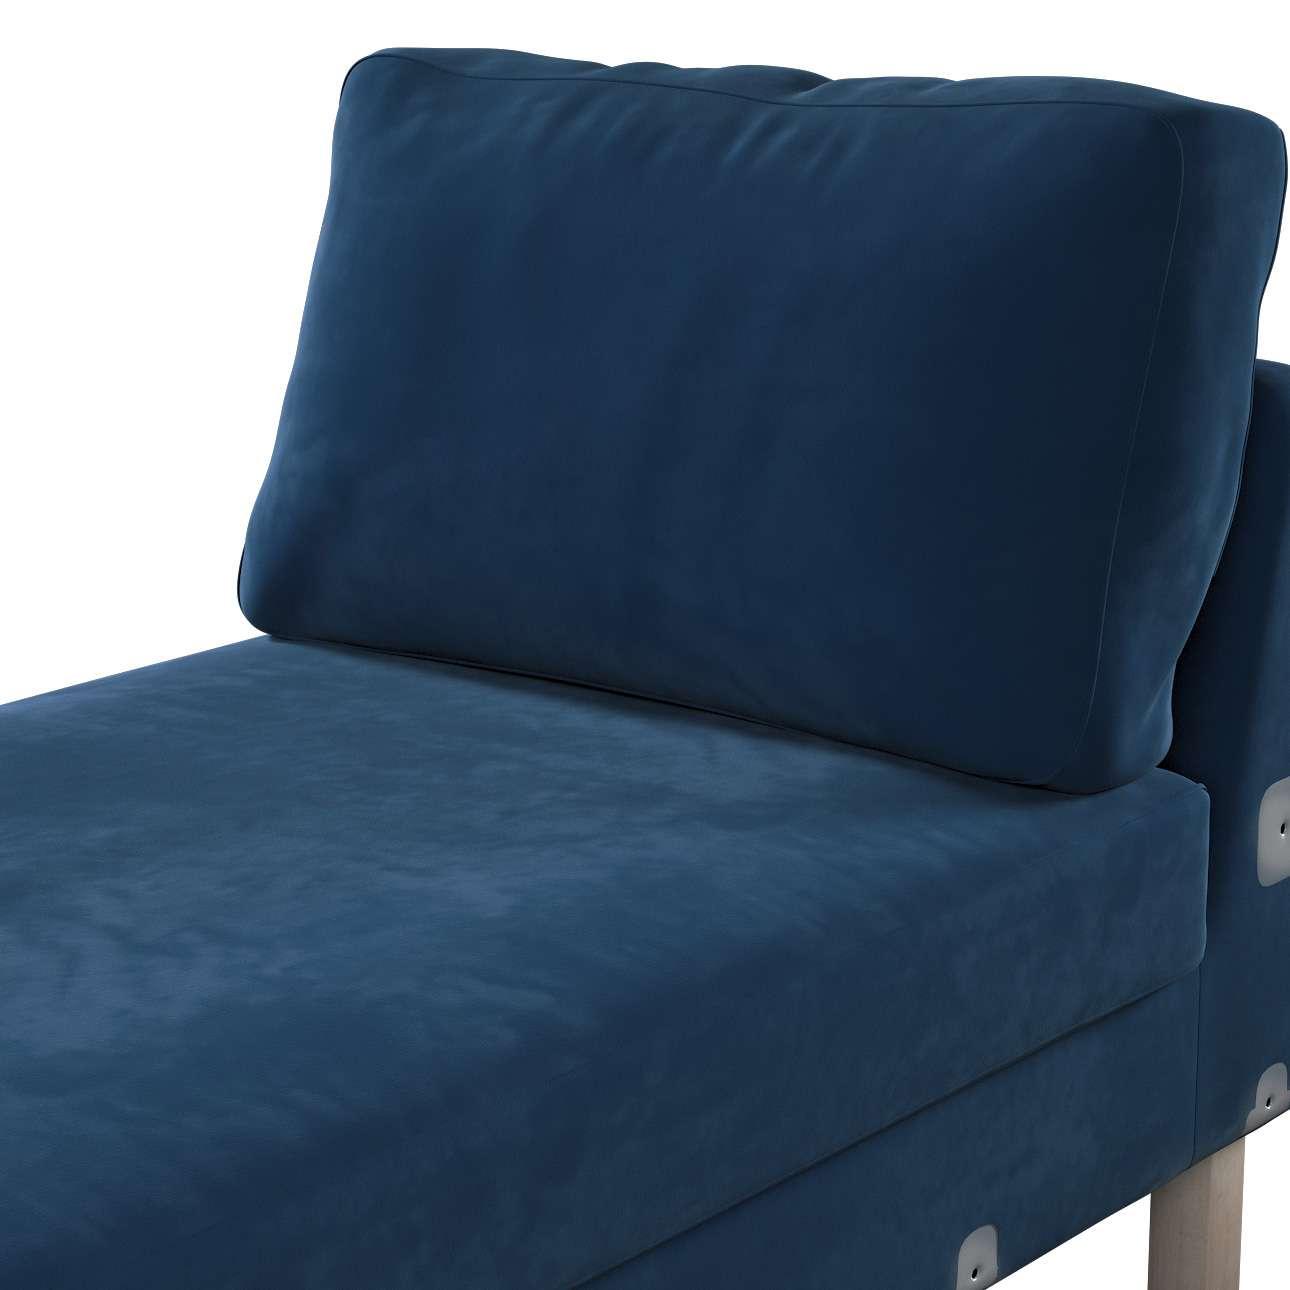 Pokrowiec na szezlong Karlstad dostawka, krótki w kolekcji Velvet, tkanina: 704-29